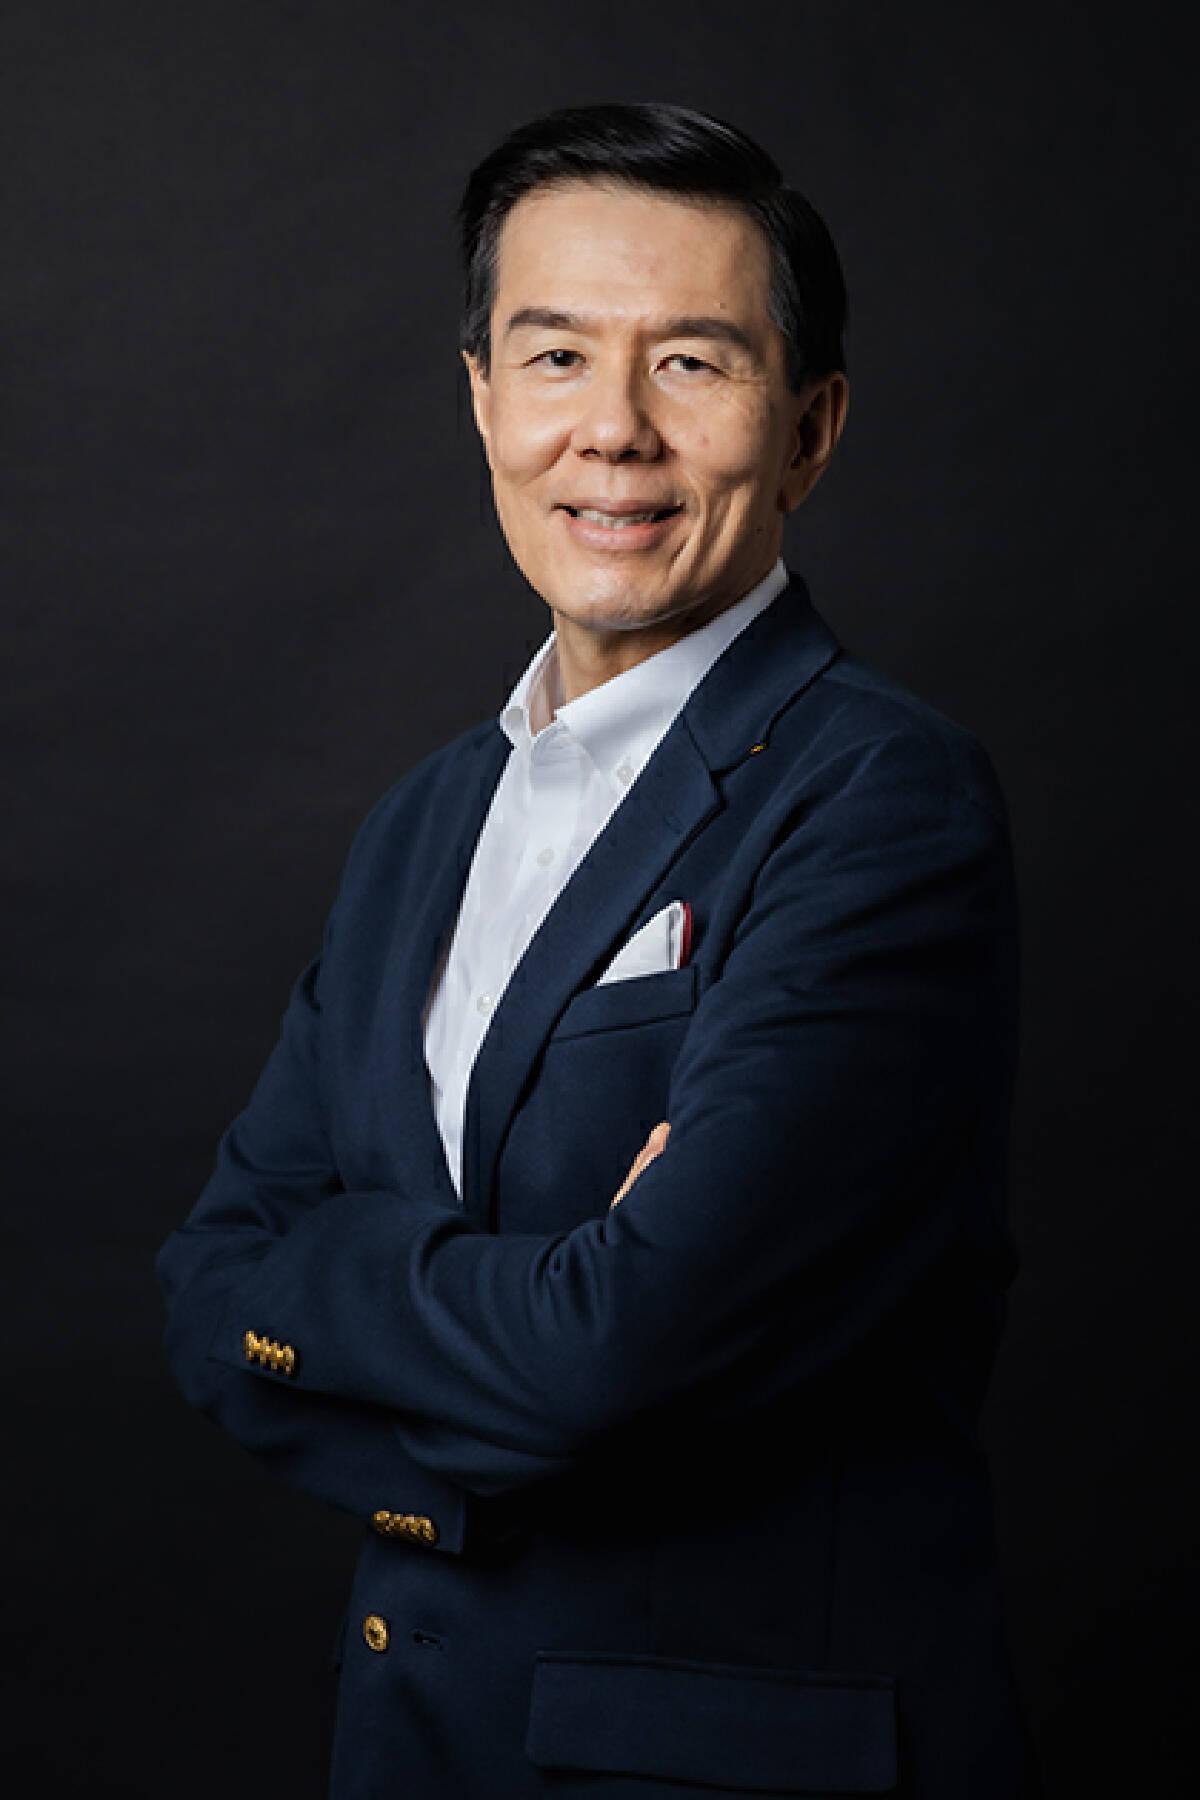 ญนน์ โภคทรัพย์ กรรมการบริหาร และประธานกลุ่มการค้าปลีกและบริการ หอการค้าไทย